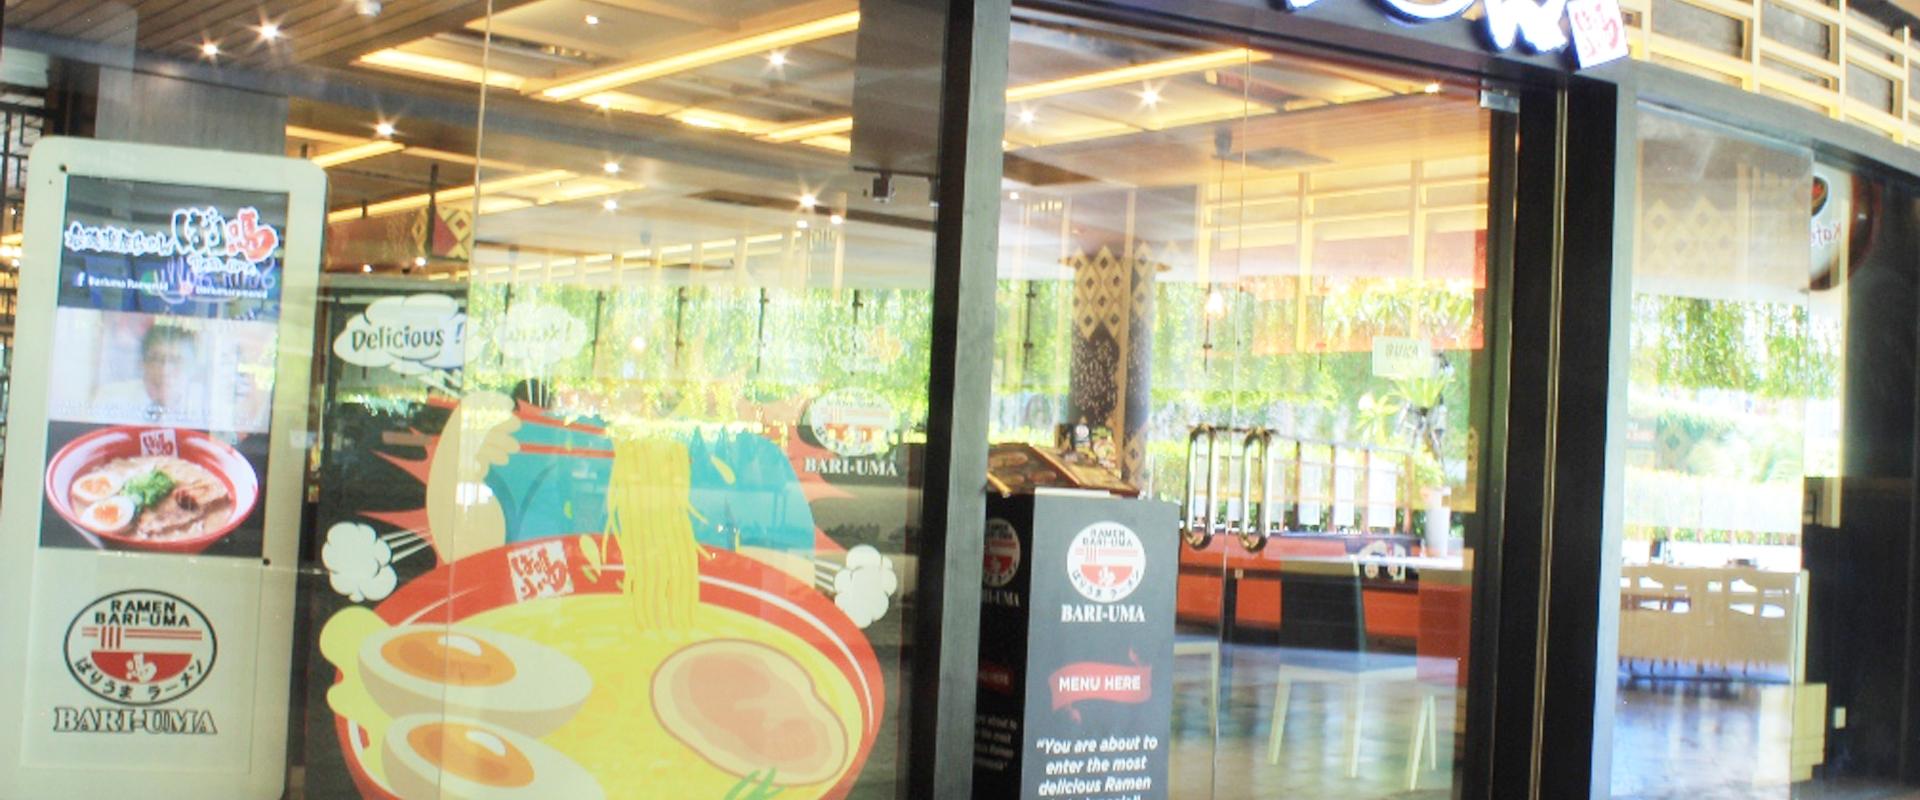 Bari-uma Ramen|Beachwalk Shopping Center | Beachwalk Bali